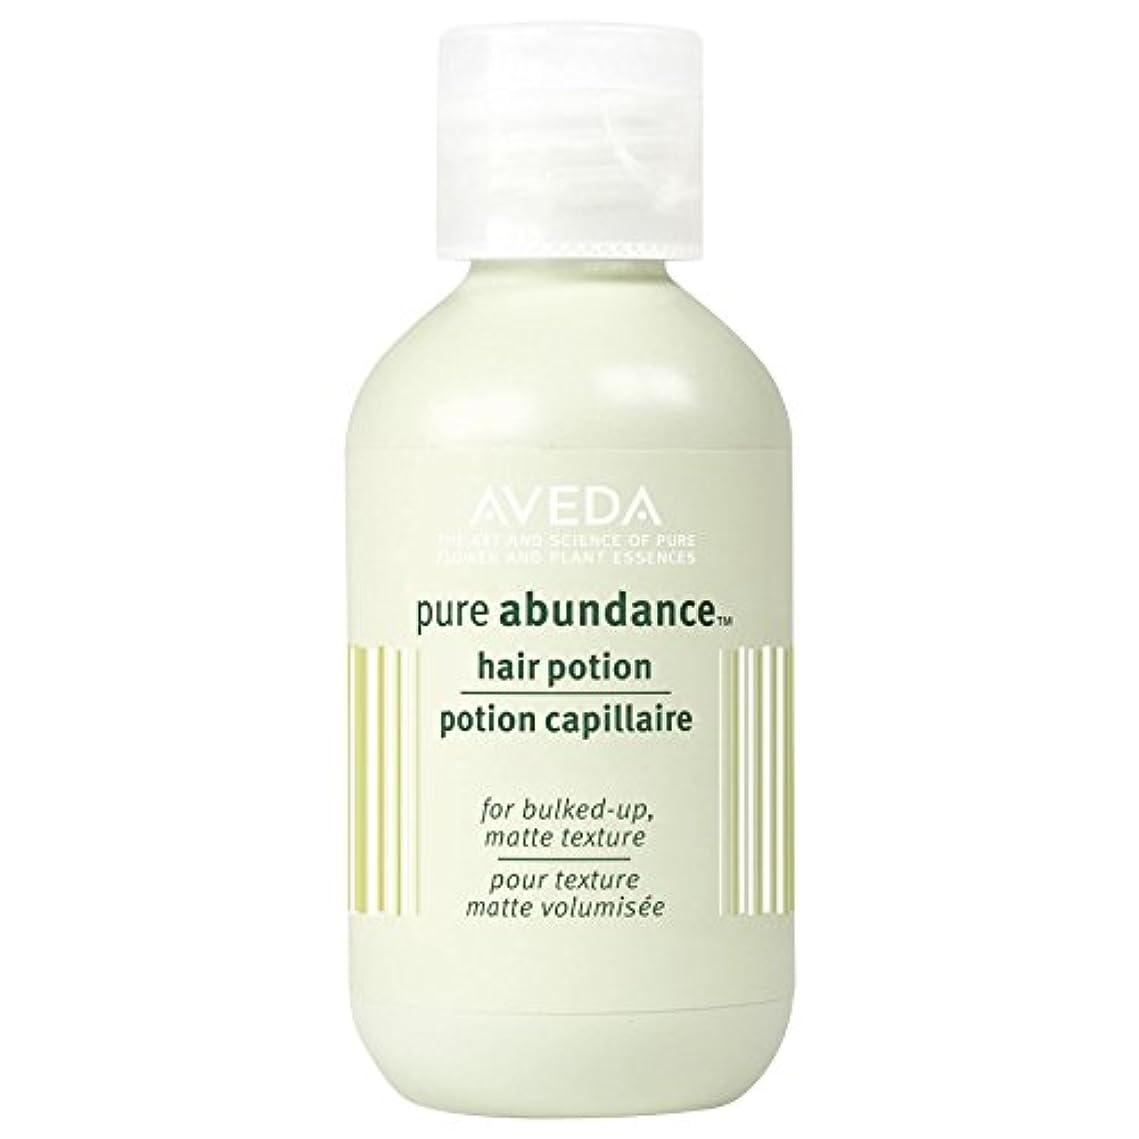 潮幾何学巨人[AVEDA] アヴェダピュア豊富ヘアポーション20グラム - Aveda Pure Abundance Hair Potion 20g [並行輸入品]